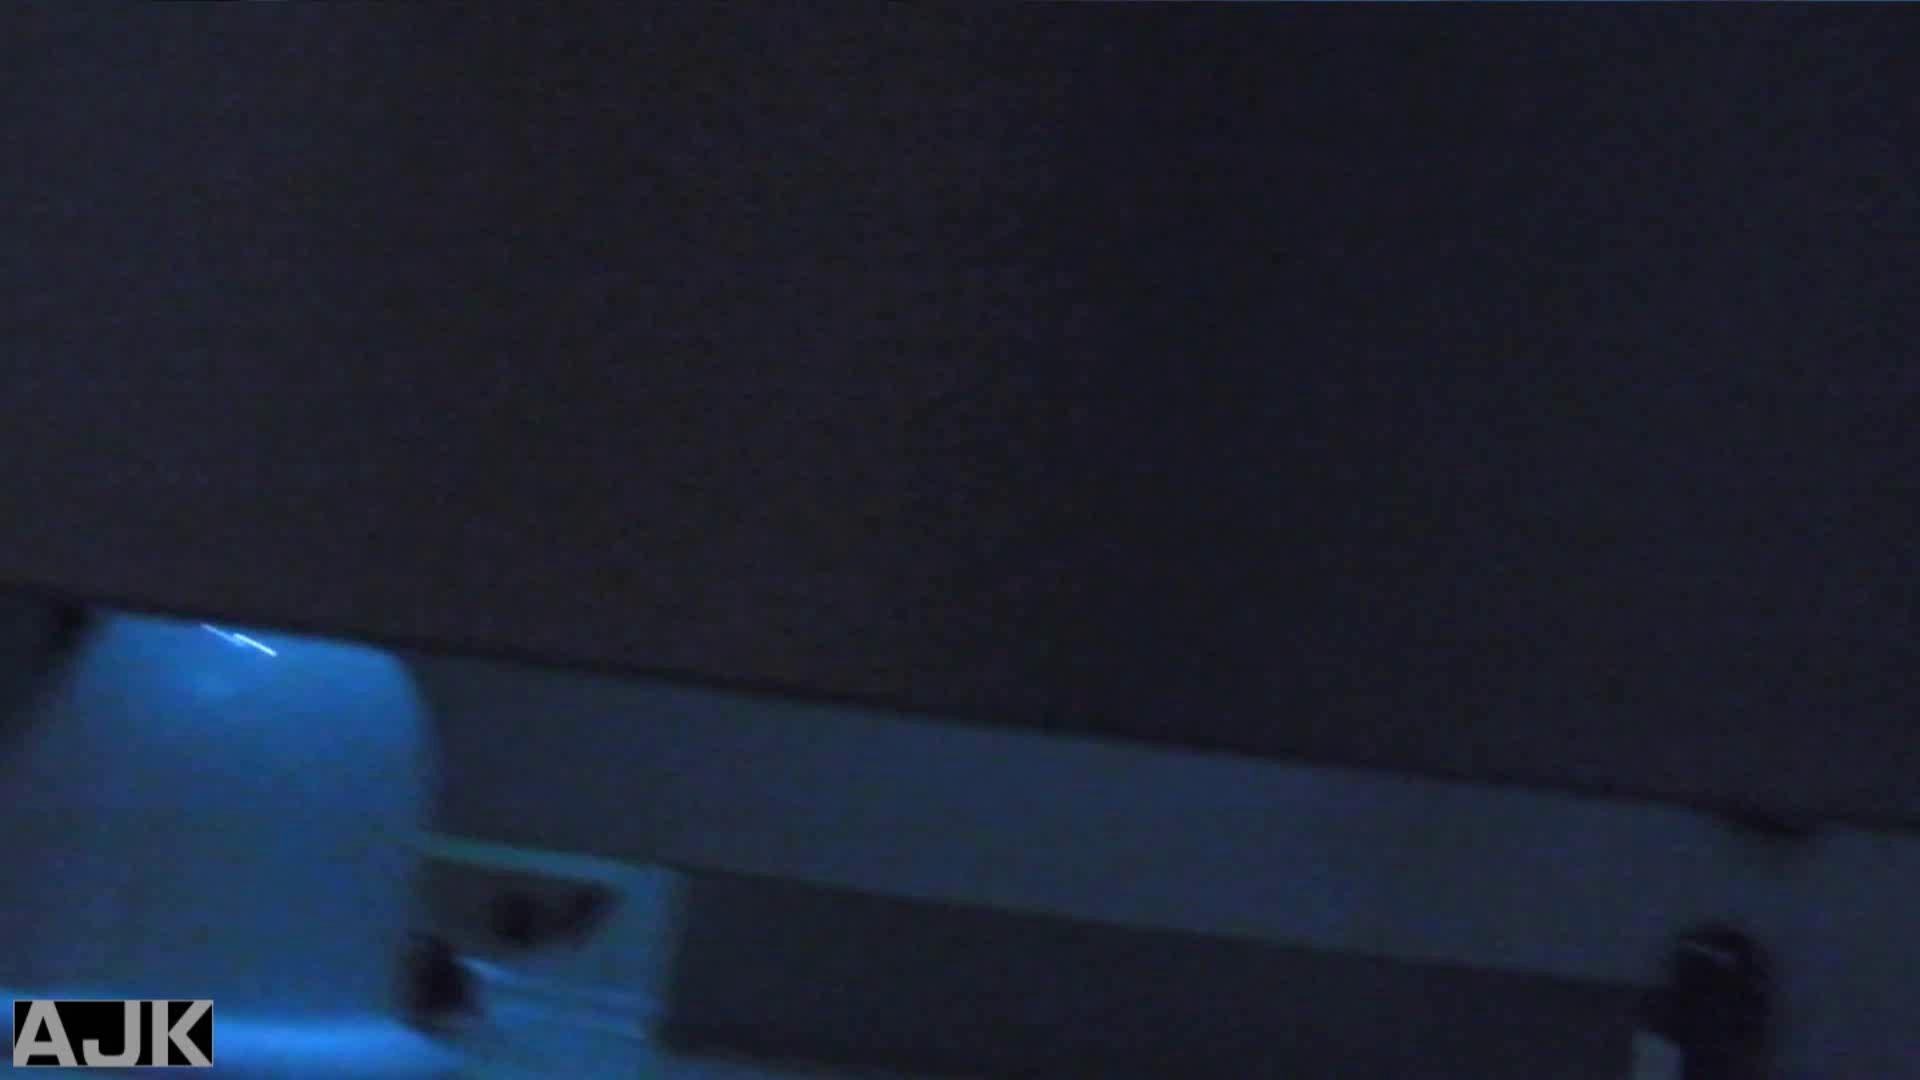 神降臨!史上最強の潜入かわや! vol.05 美しいOLの裸体 隠し撮りオマンコ動画紹介 69pic 9